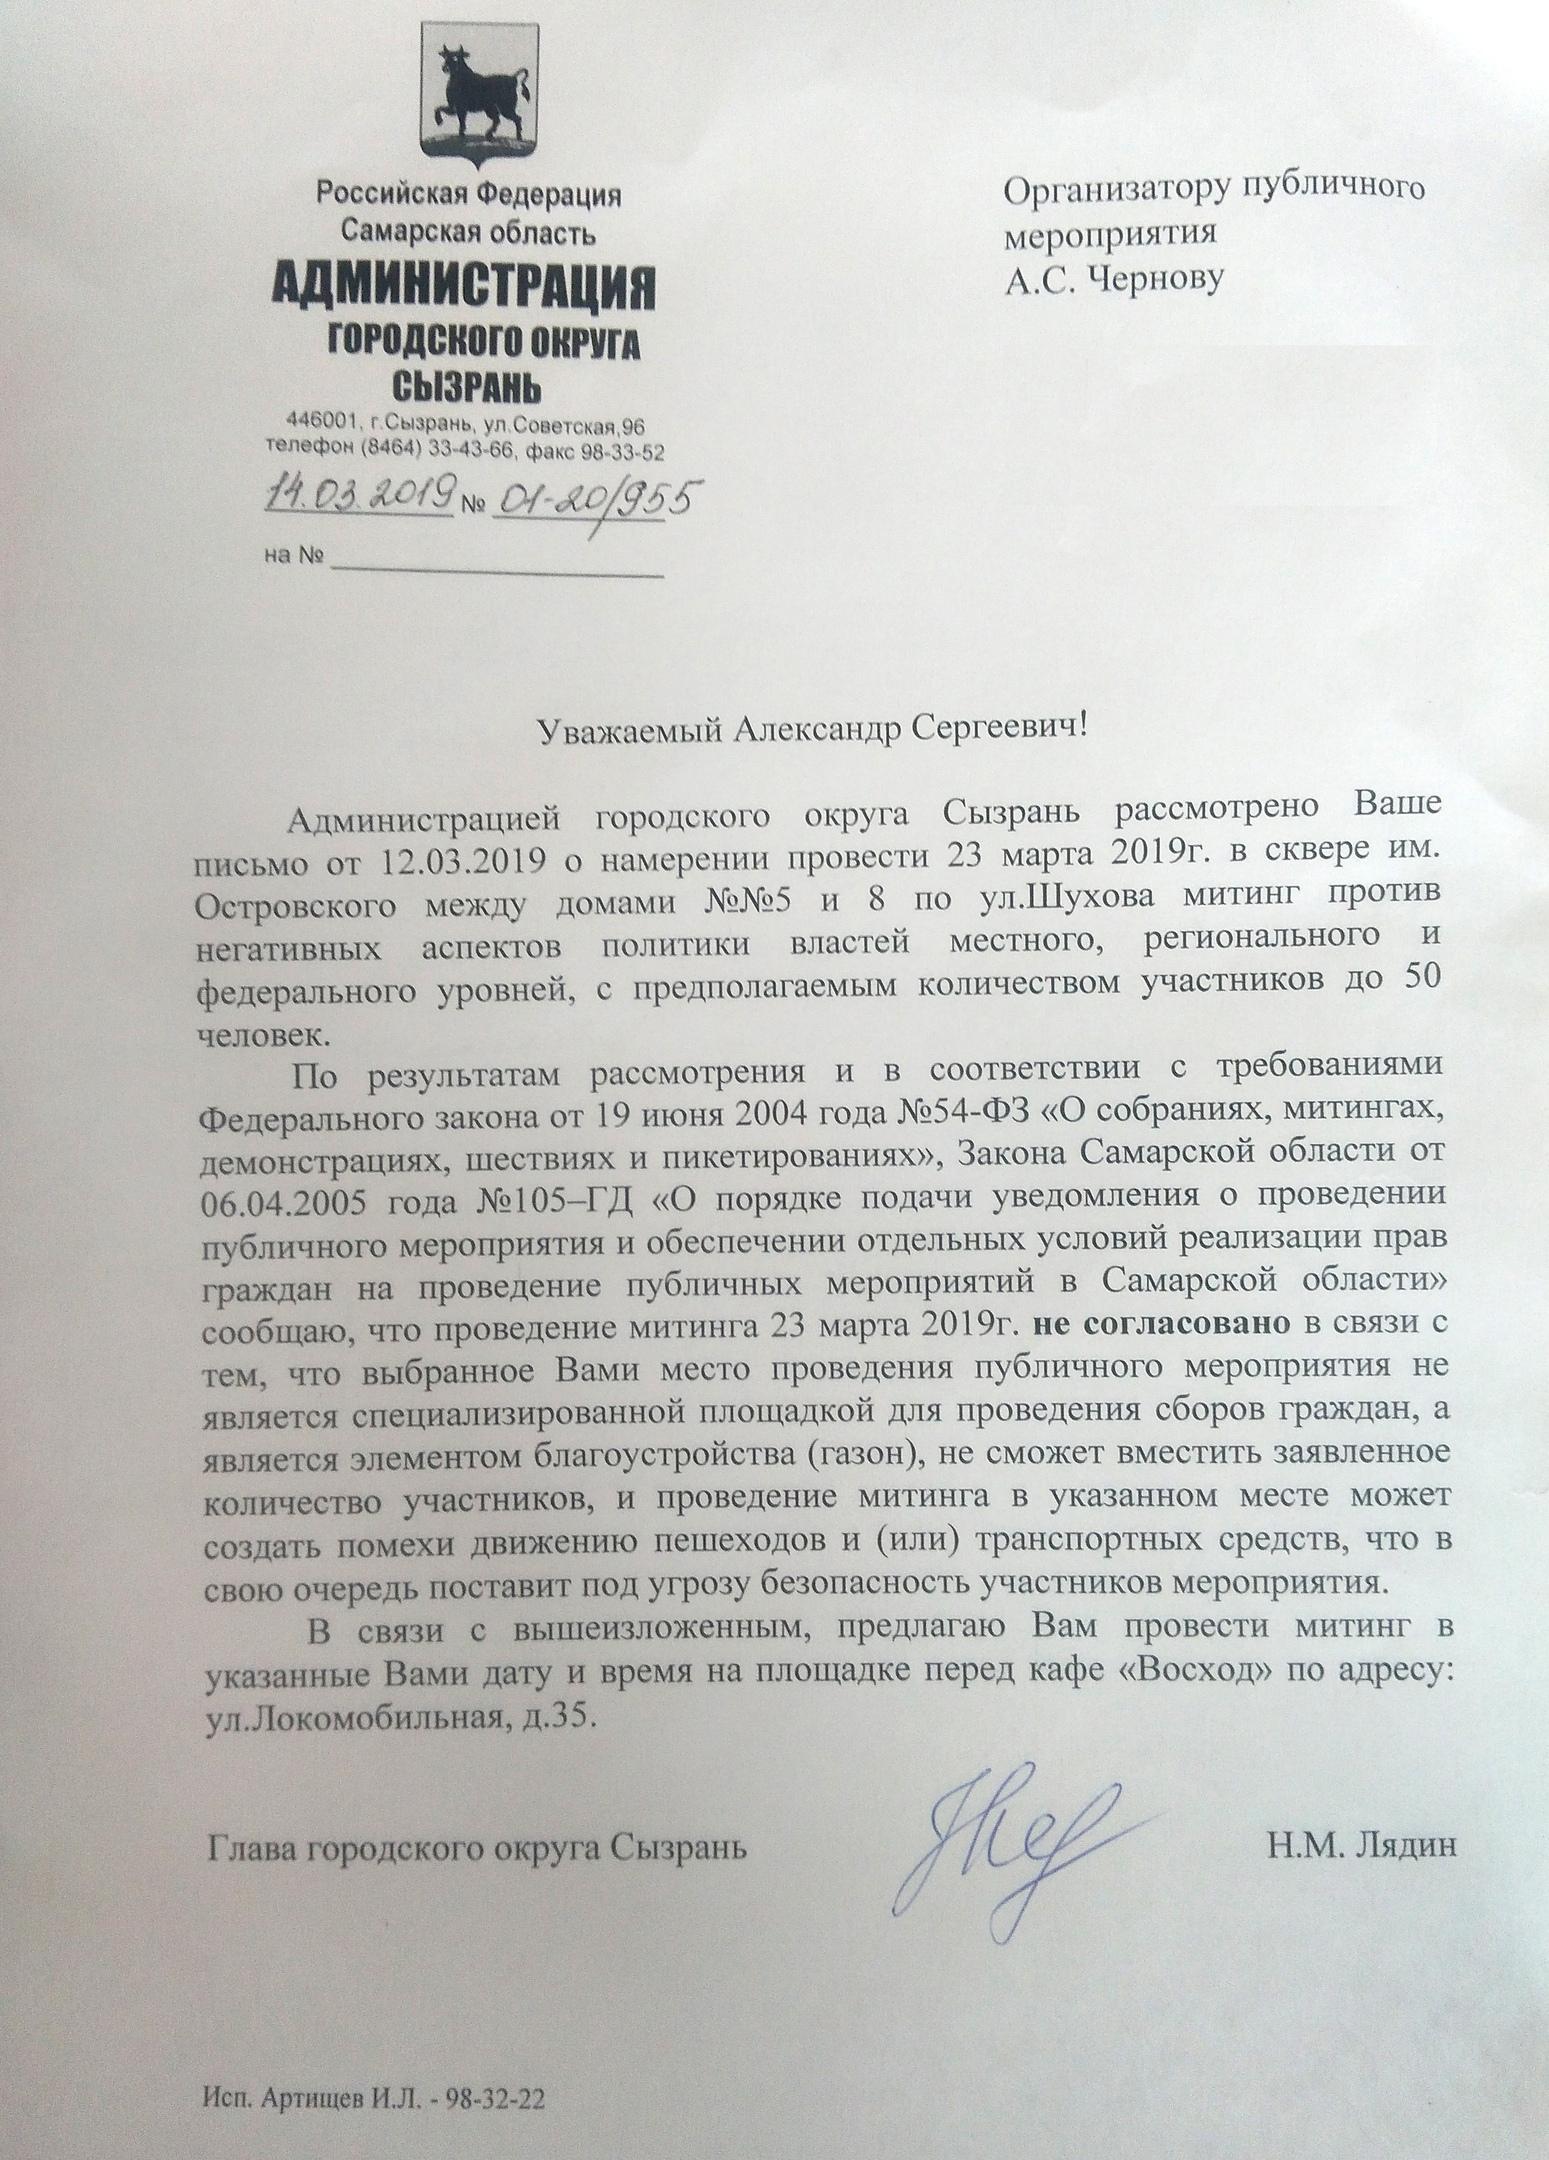 Митинг в Сызрани не согласовали